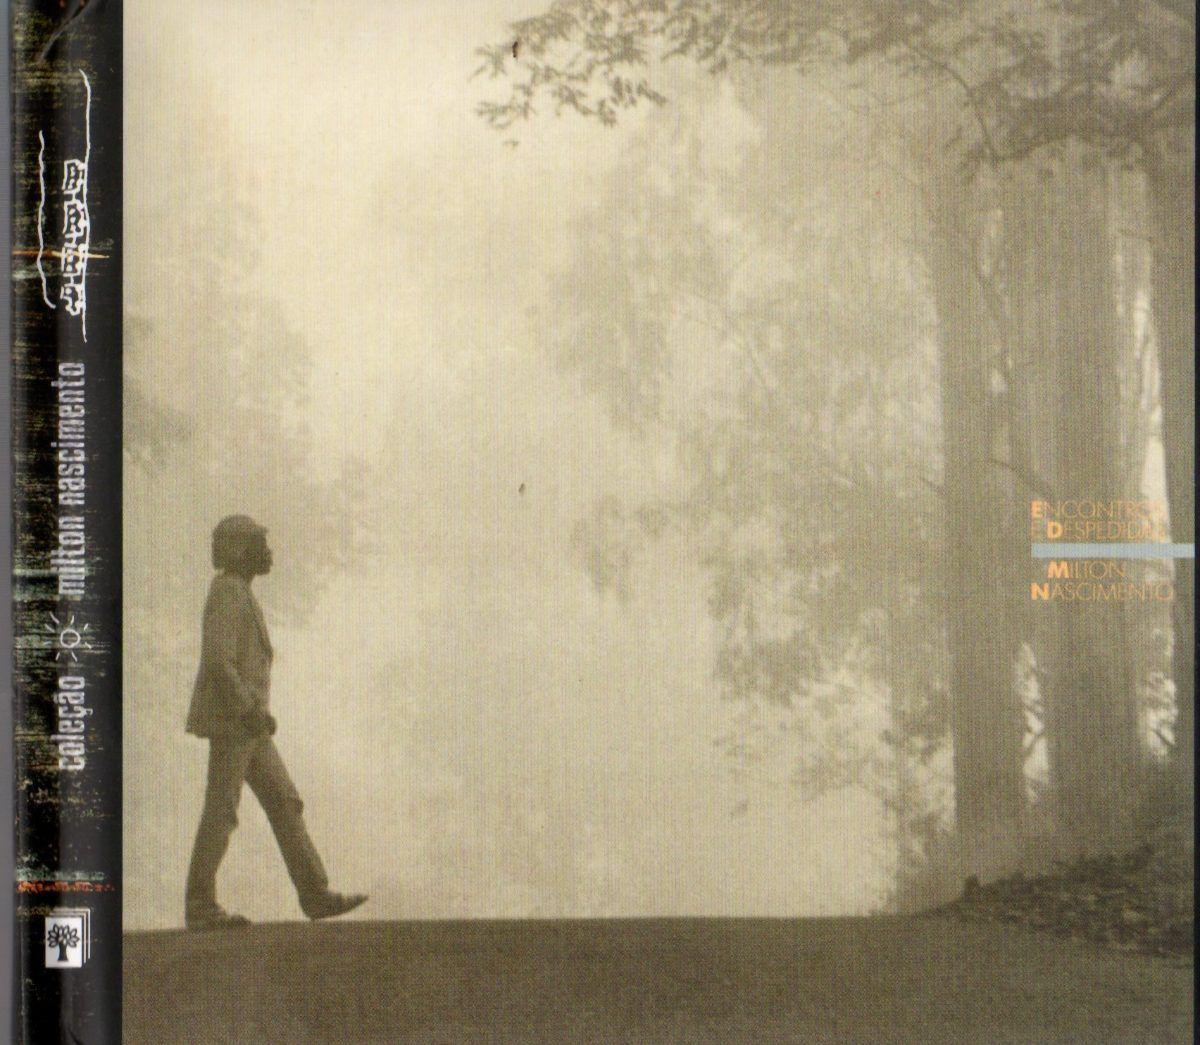 Milton Nascimento - Encontros E Despedidas - Livro+CD